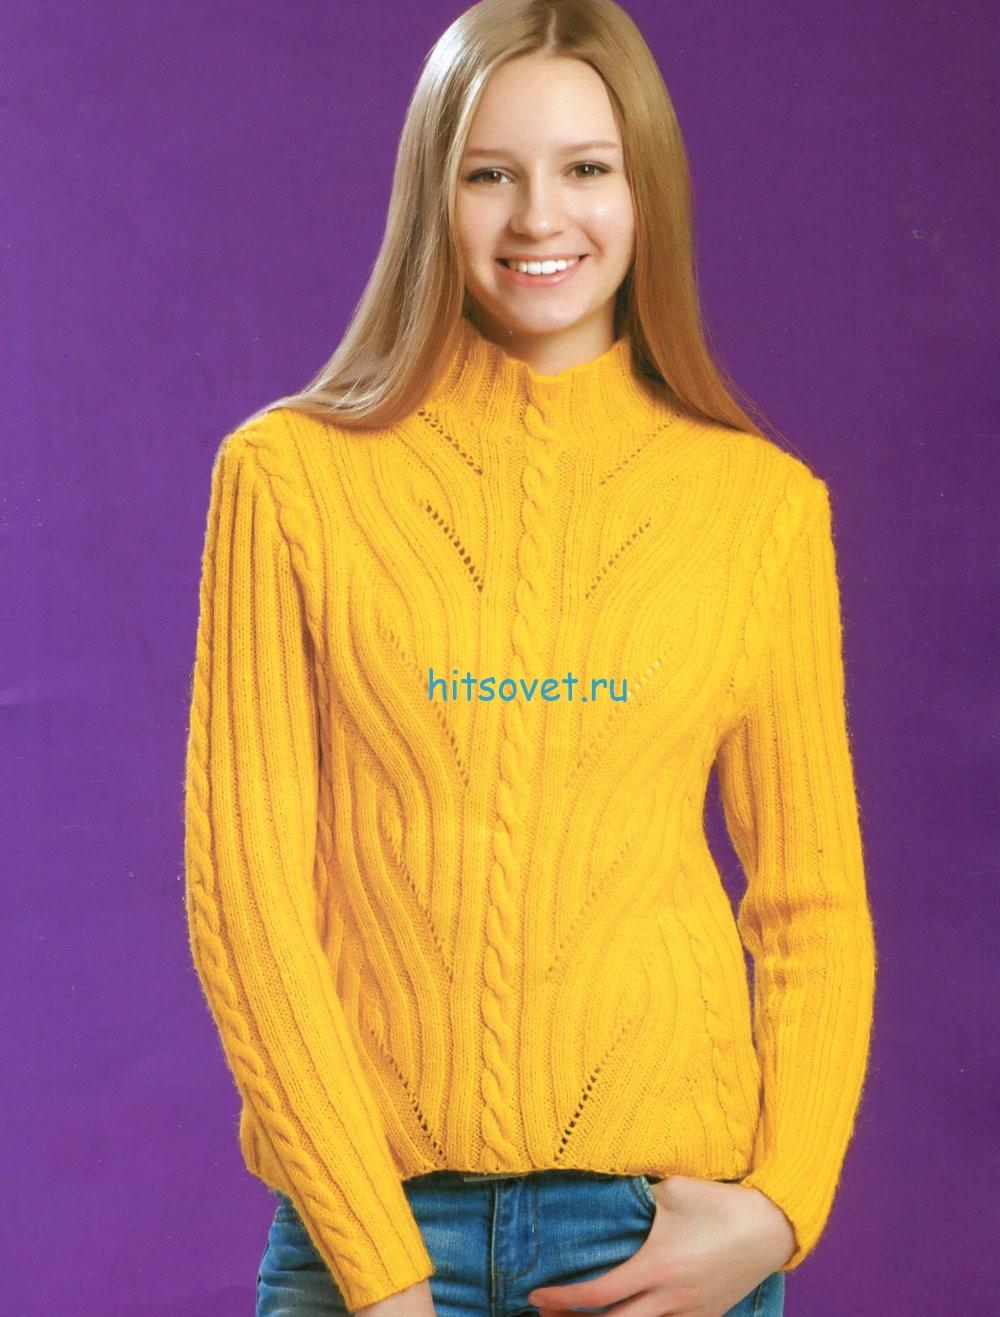 Вязание свитера спицами, фото.